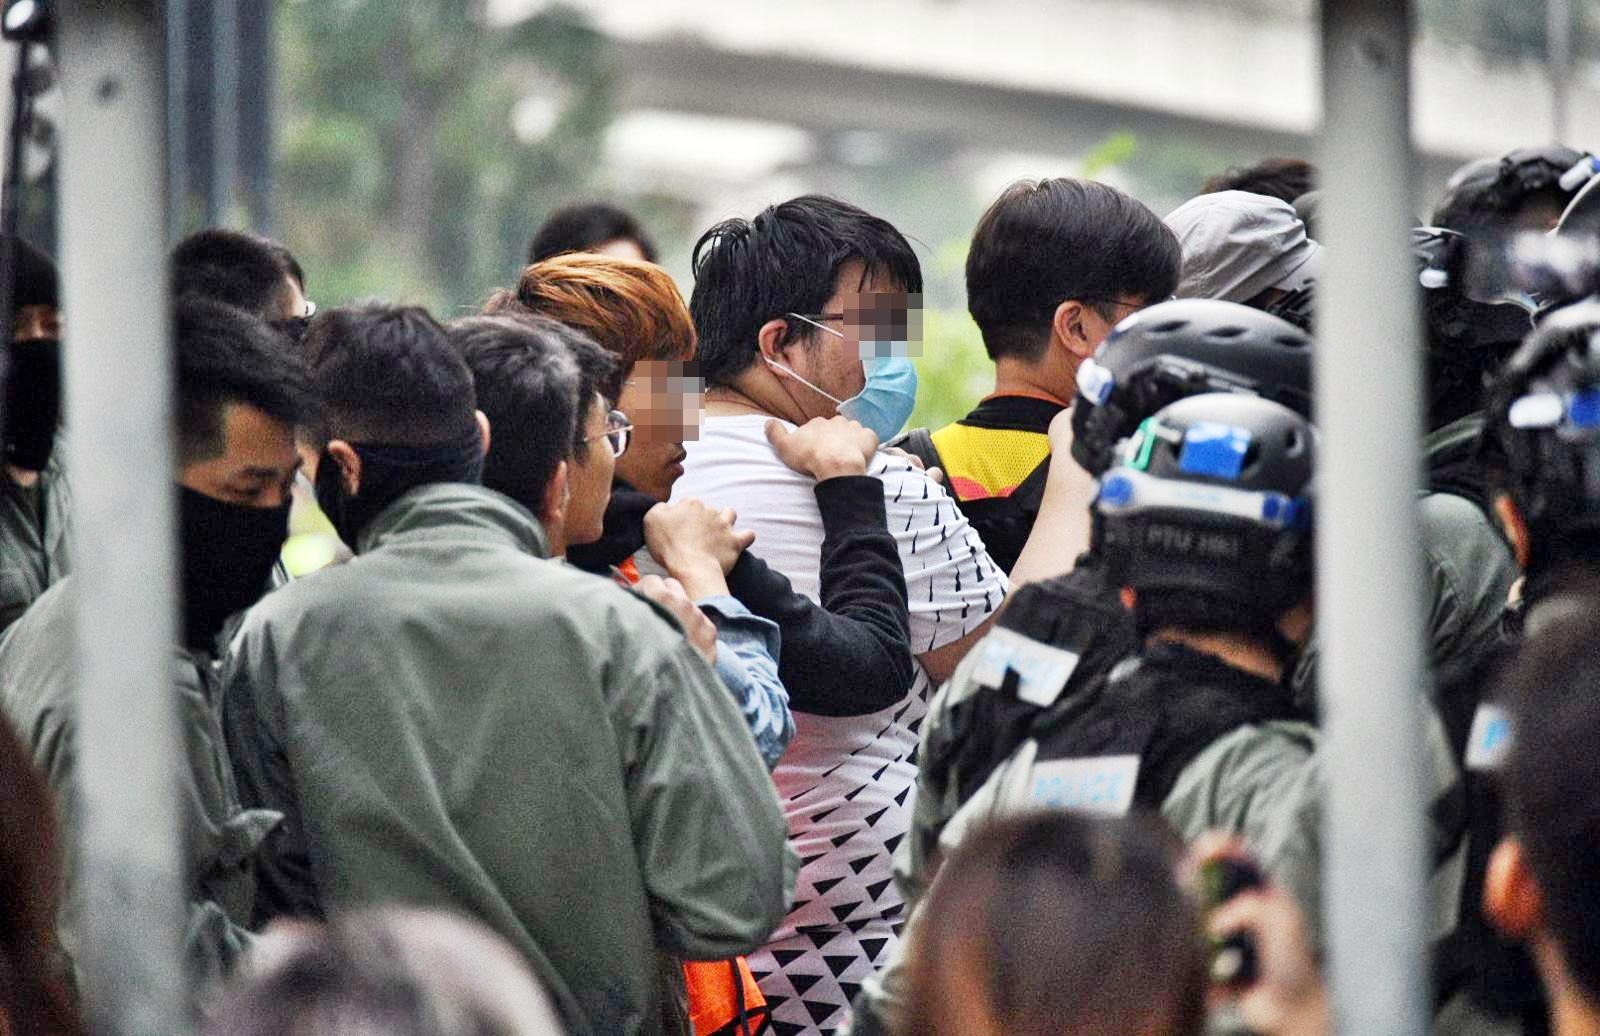 警方:理大拘捕或登記1100人 斥留守者威嚇自願離開人士